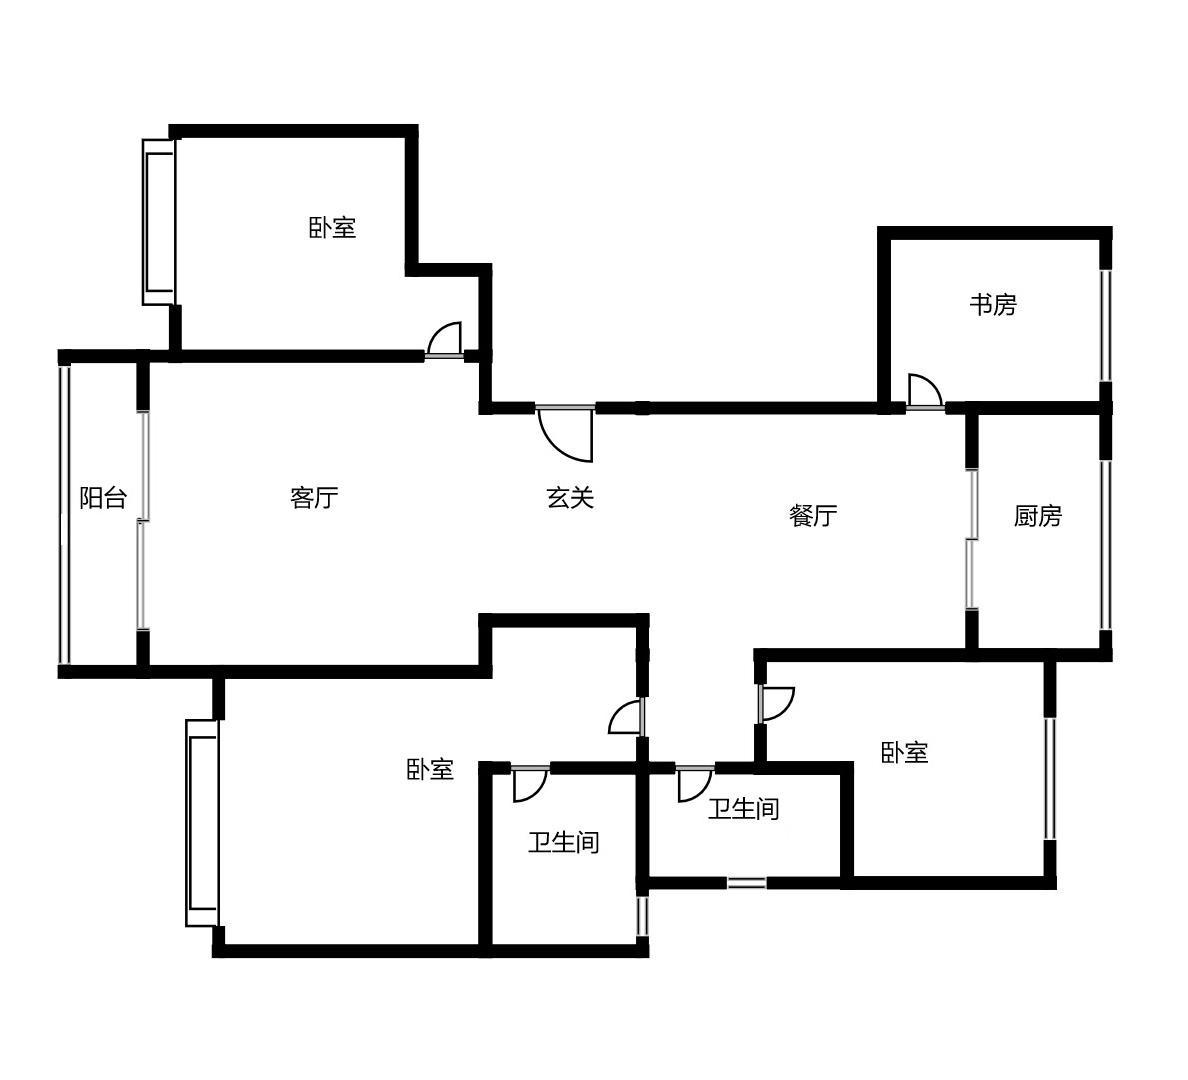 金辉江山铭著四室两厅两卫136㎡户型图